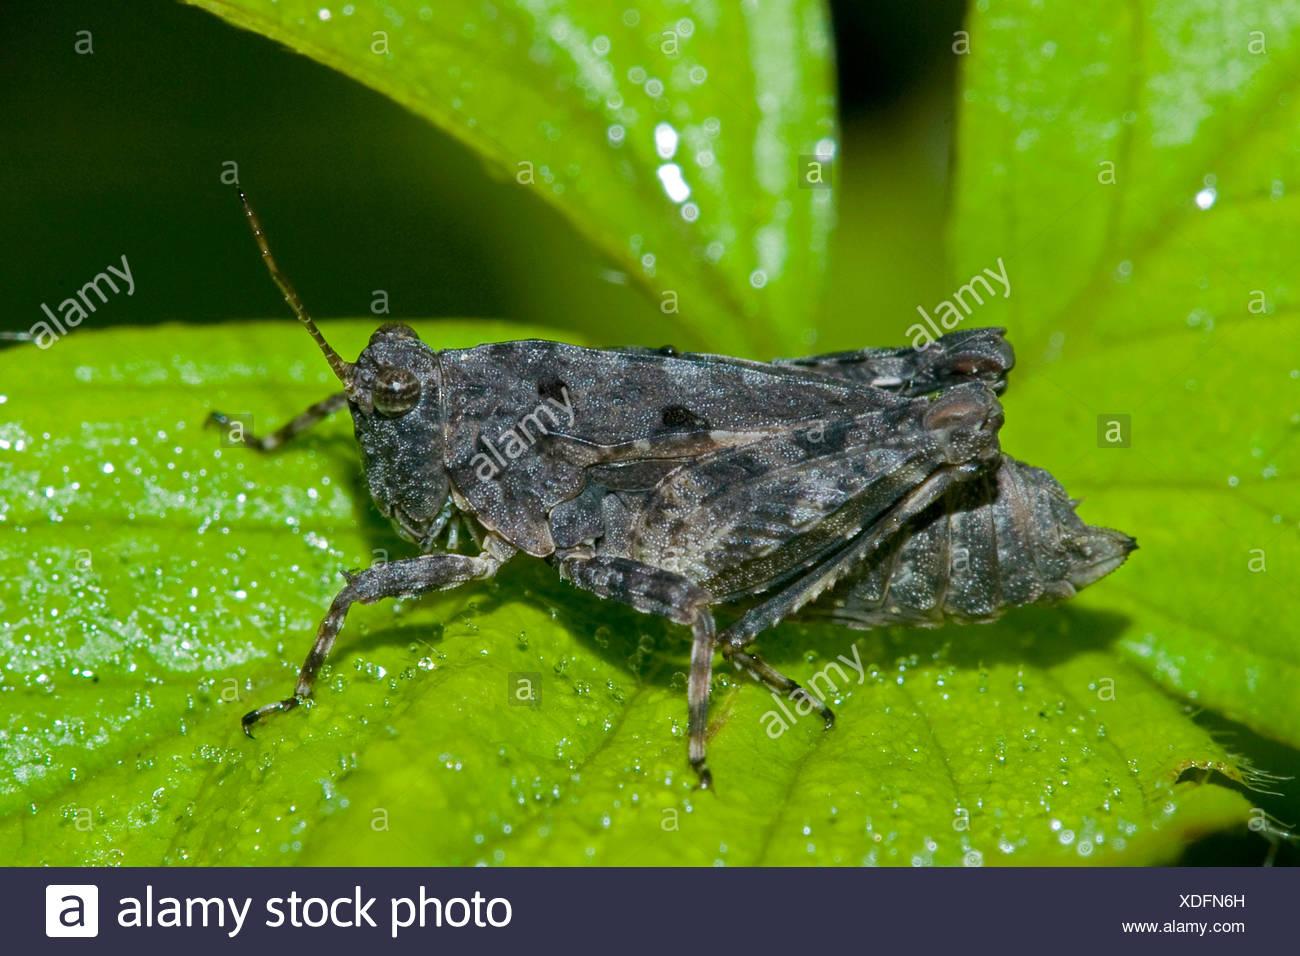 Twospotted groundhopper (Tetrix bipunctata), sitting on a leaf, Germany - Stock Image